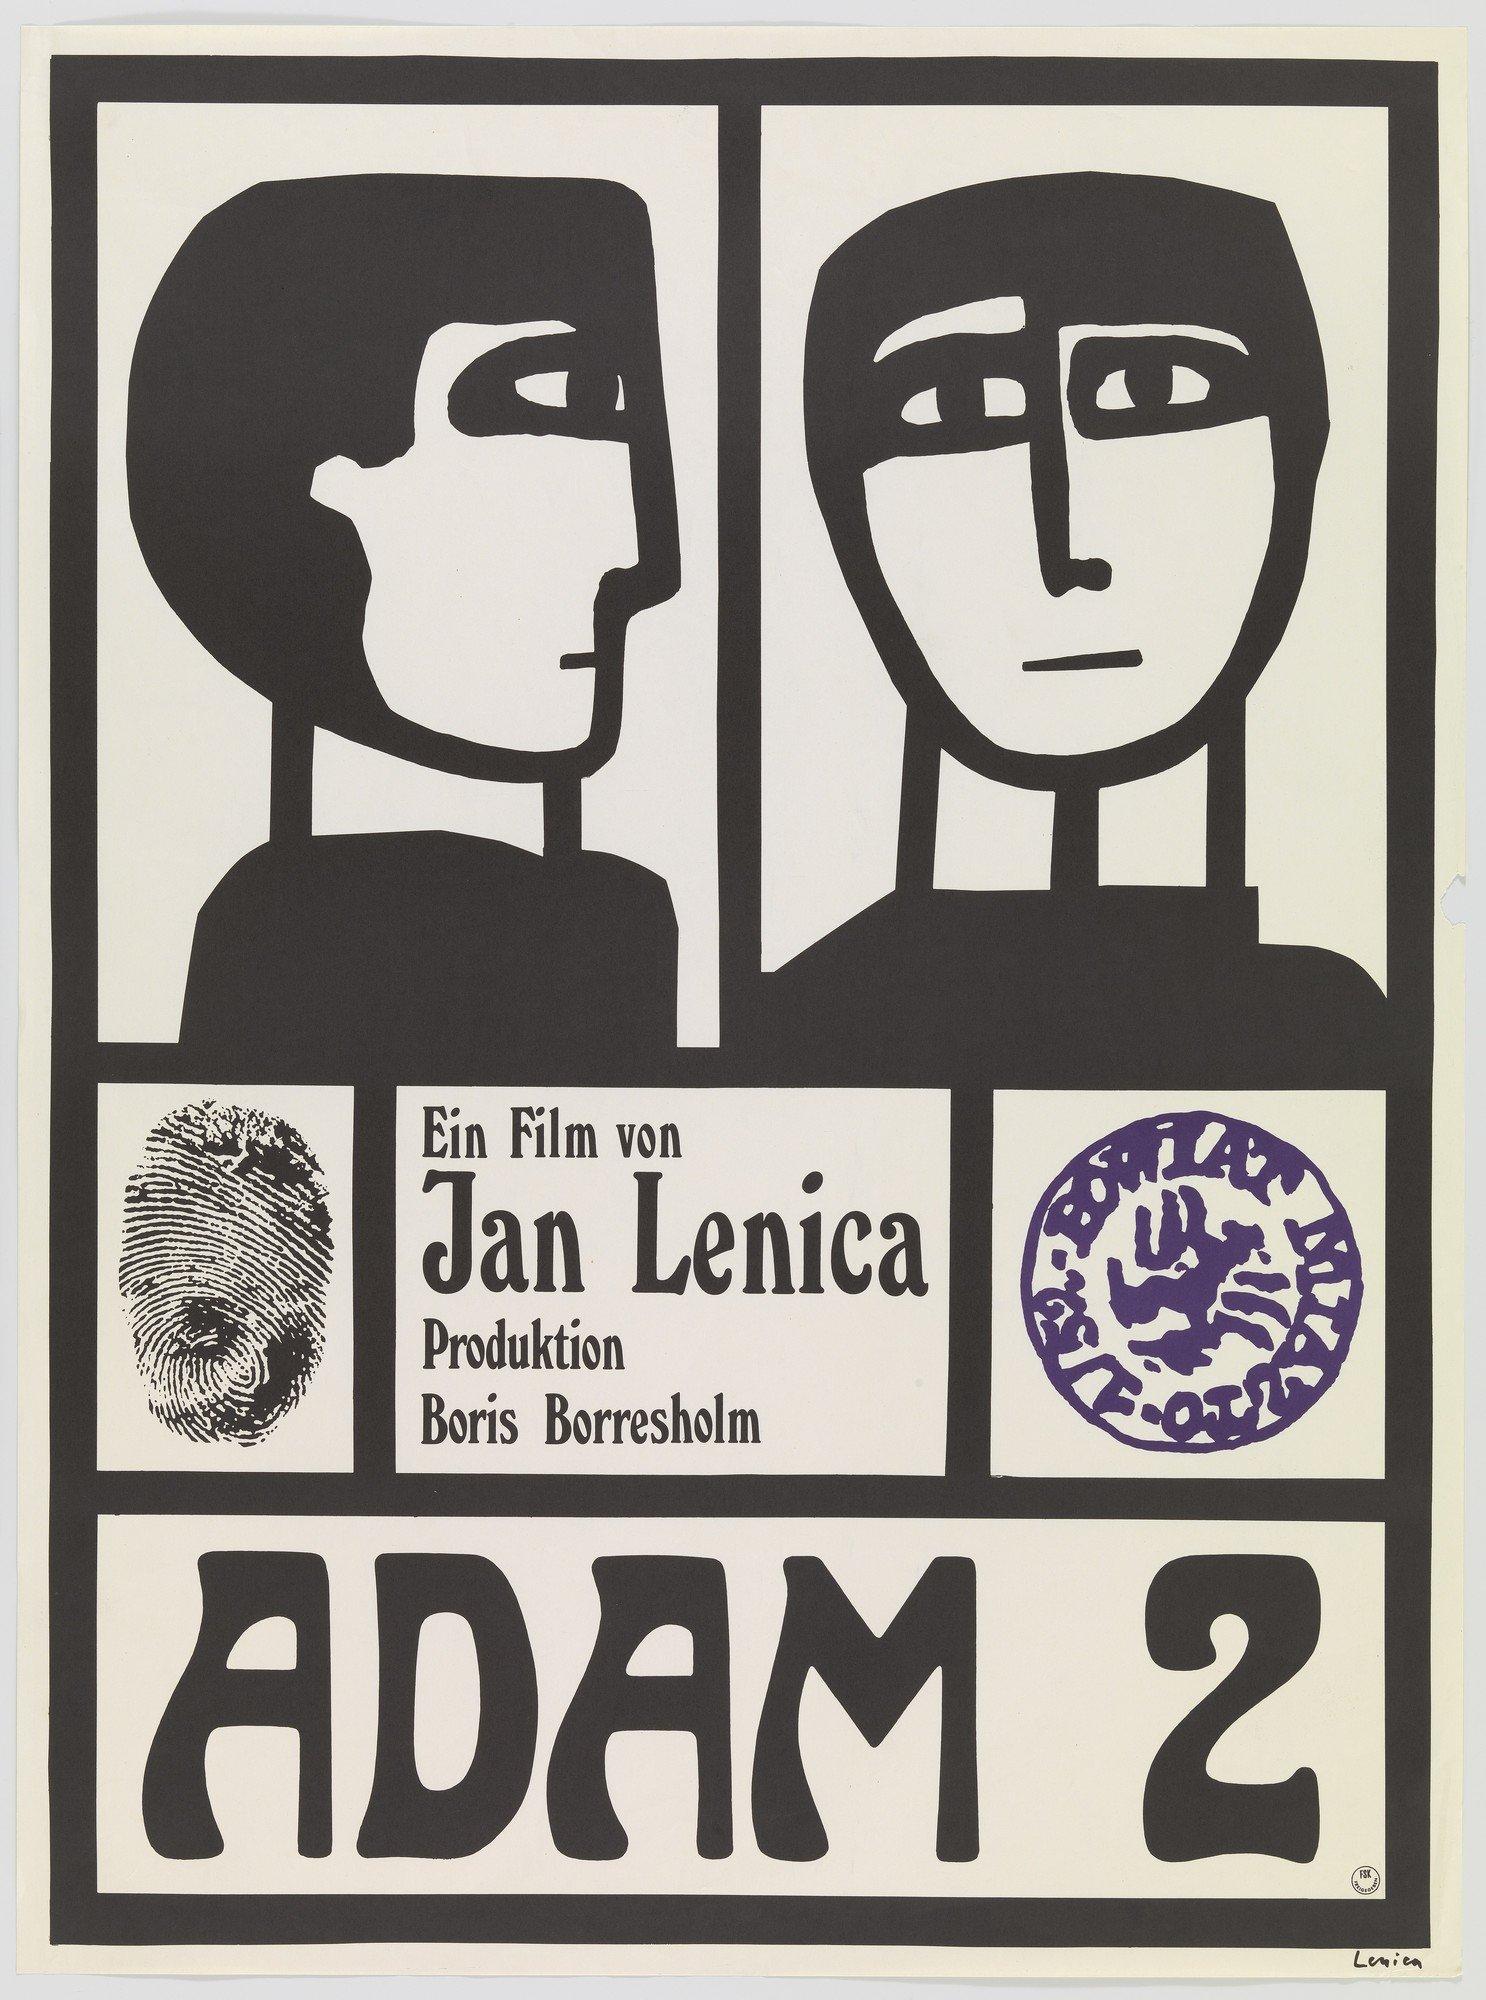 Jan Lenica poster